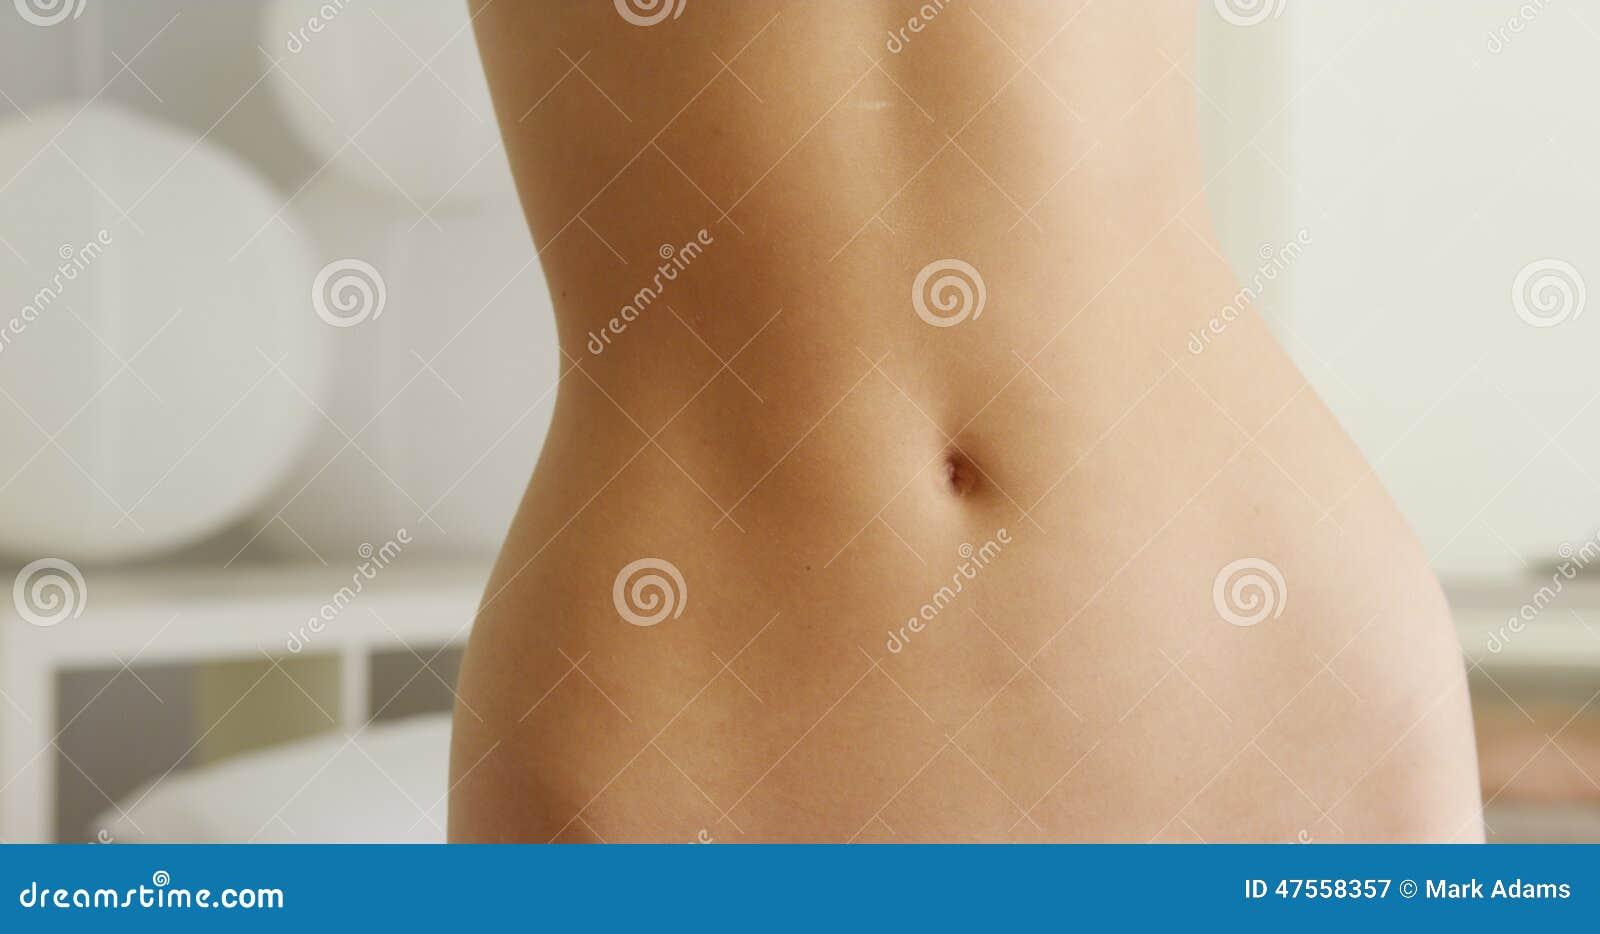 flat stomach women - photo #18